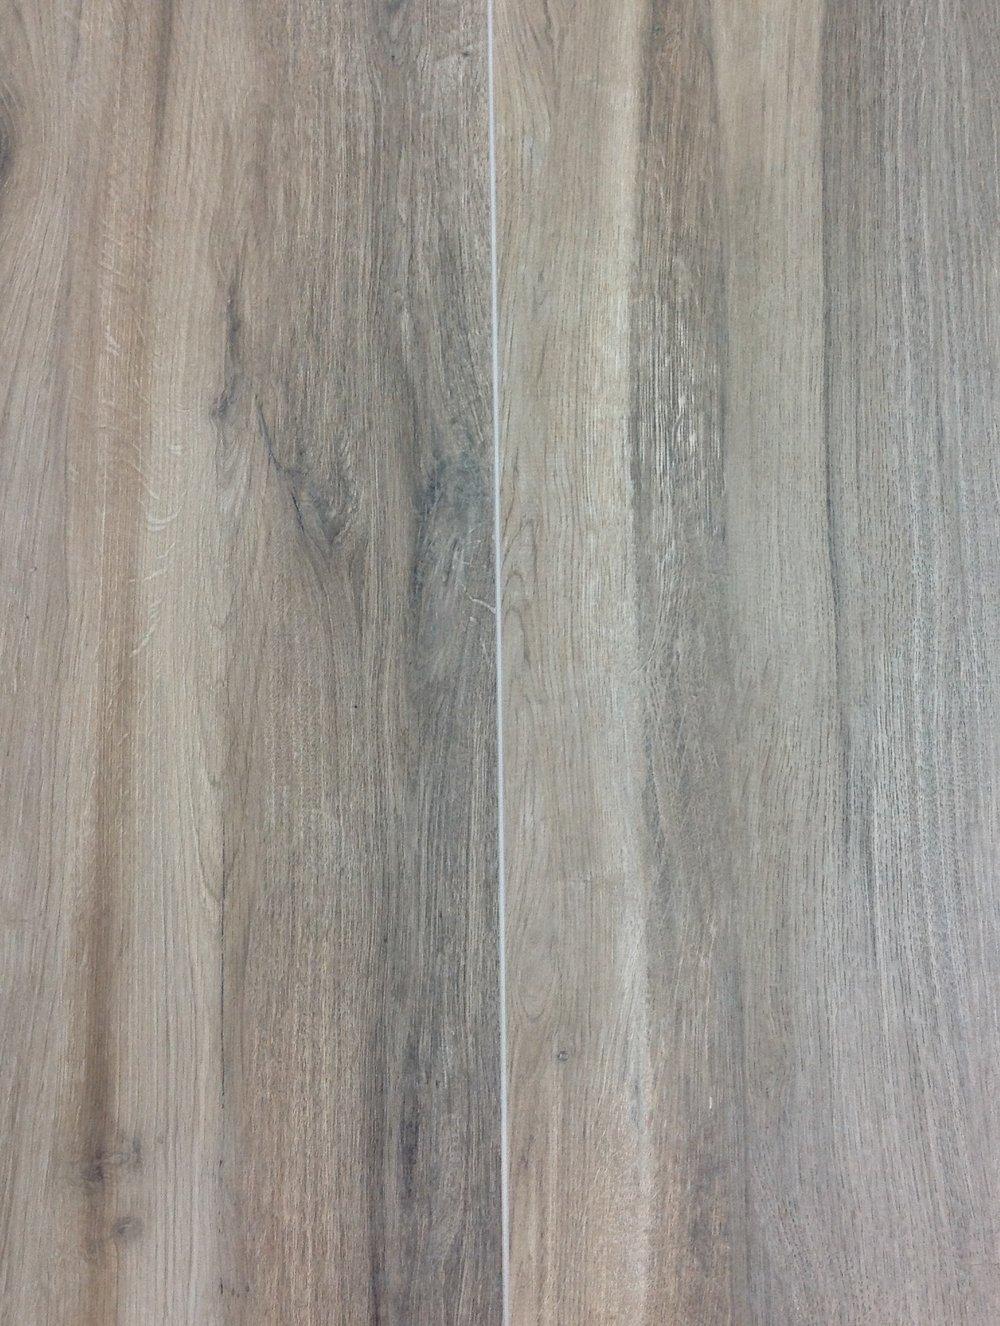 Wooden Caramel